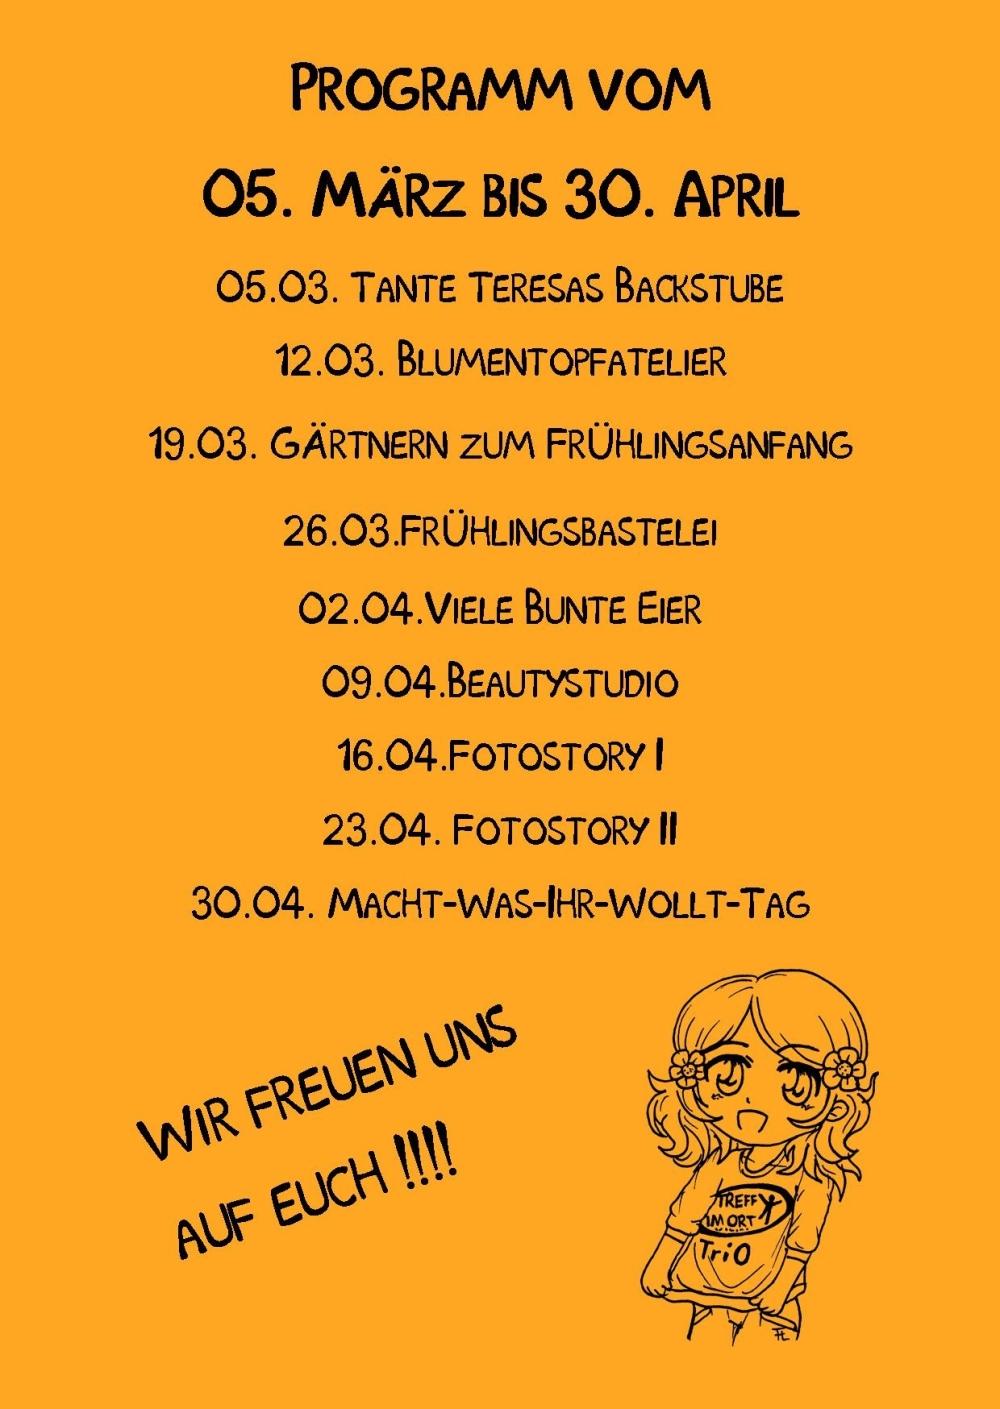 Mädchentag TriO rück Publisher  03.2015 Orange